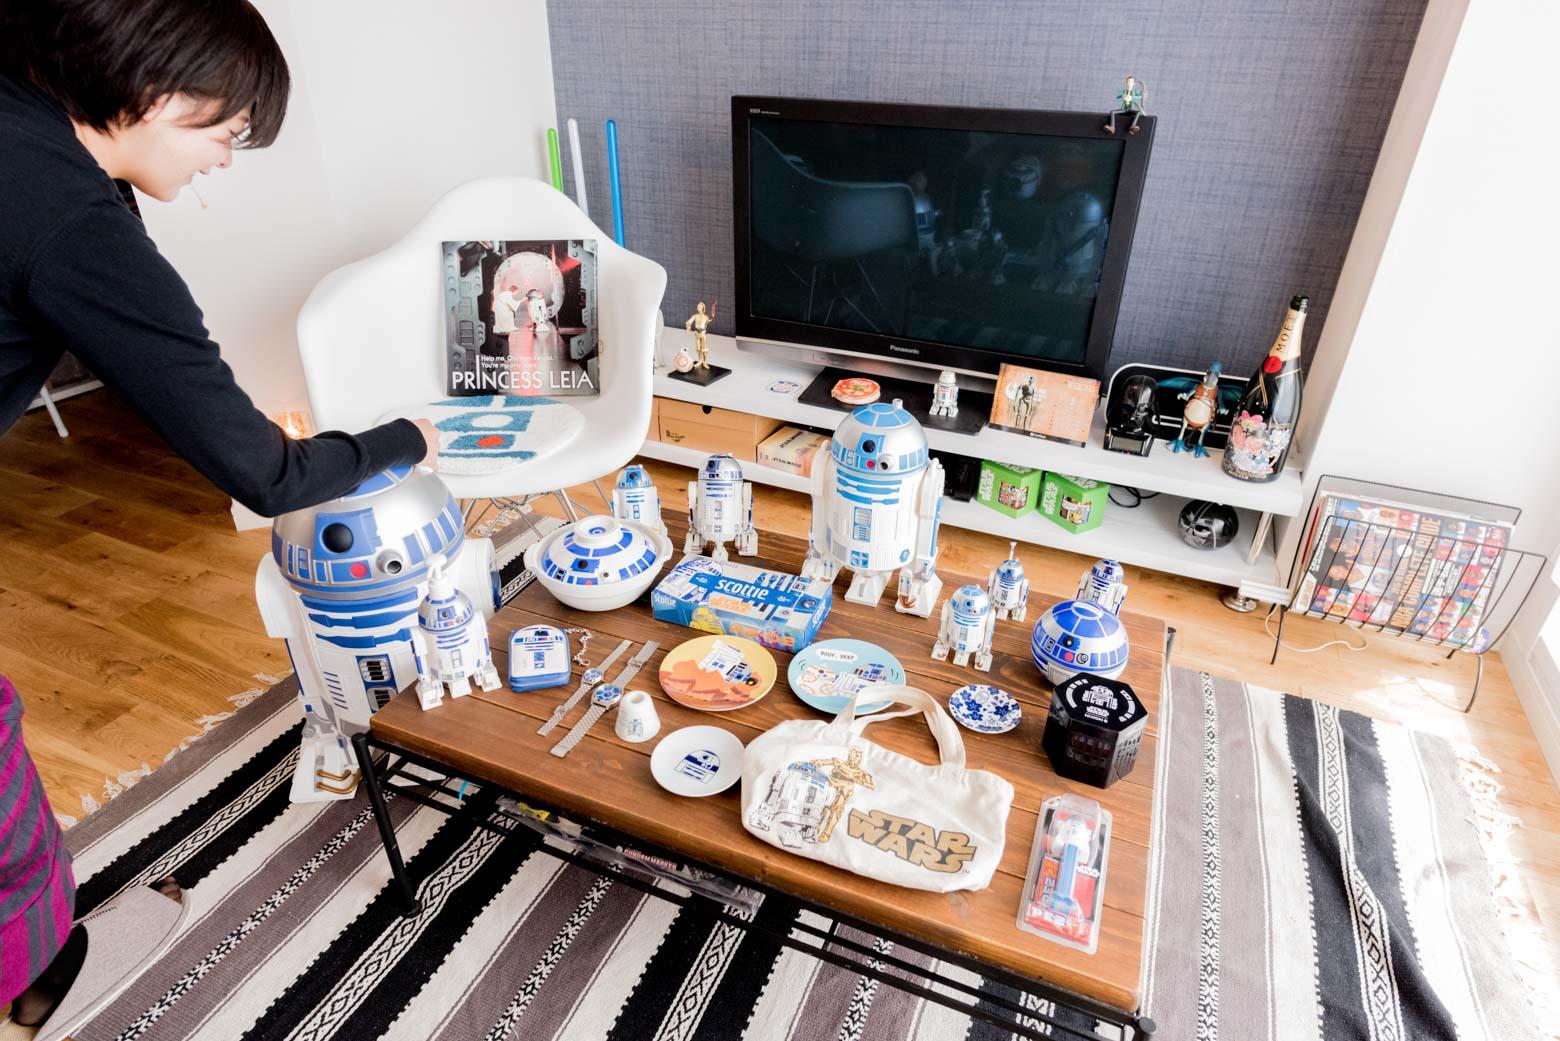 今回は当然、R2-D2たちを並べるでしょう。